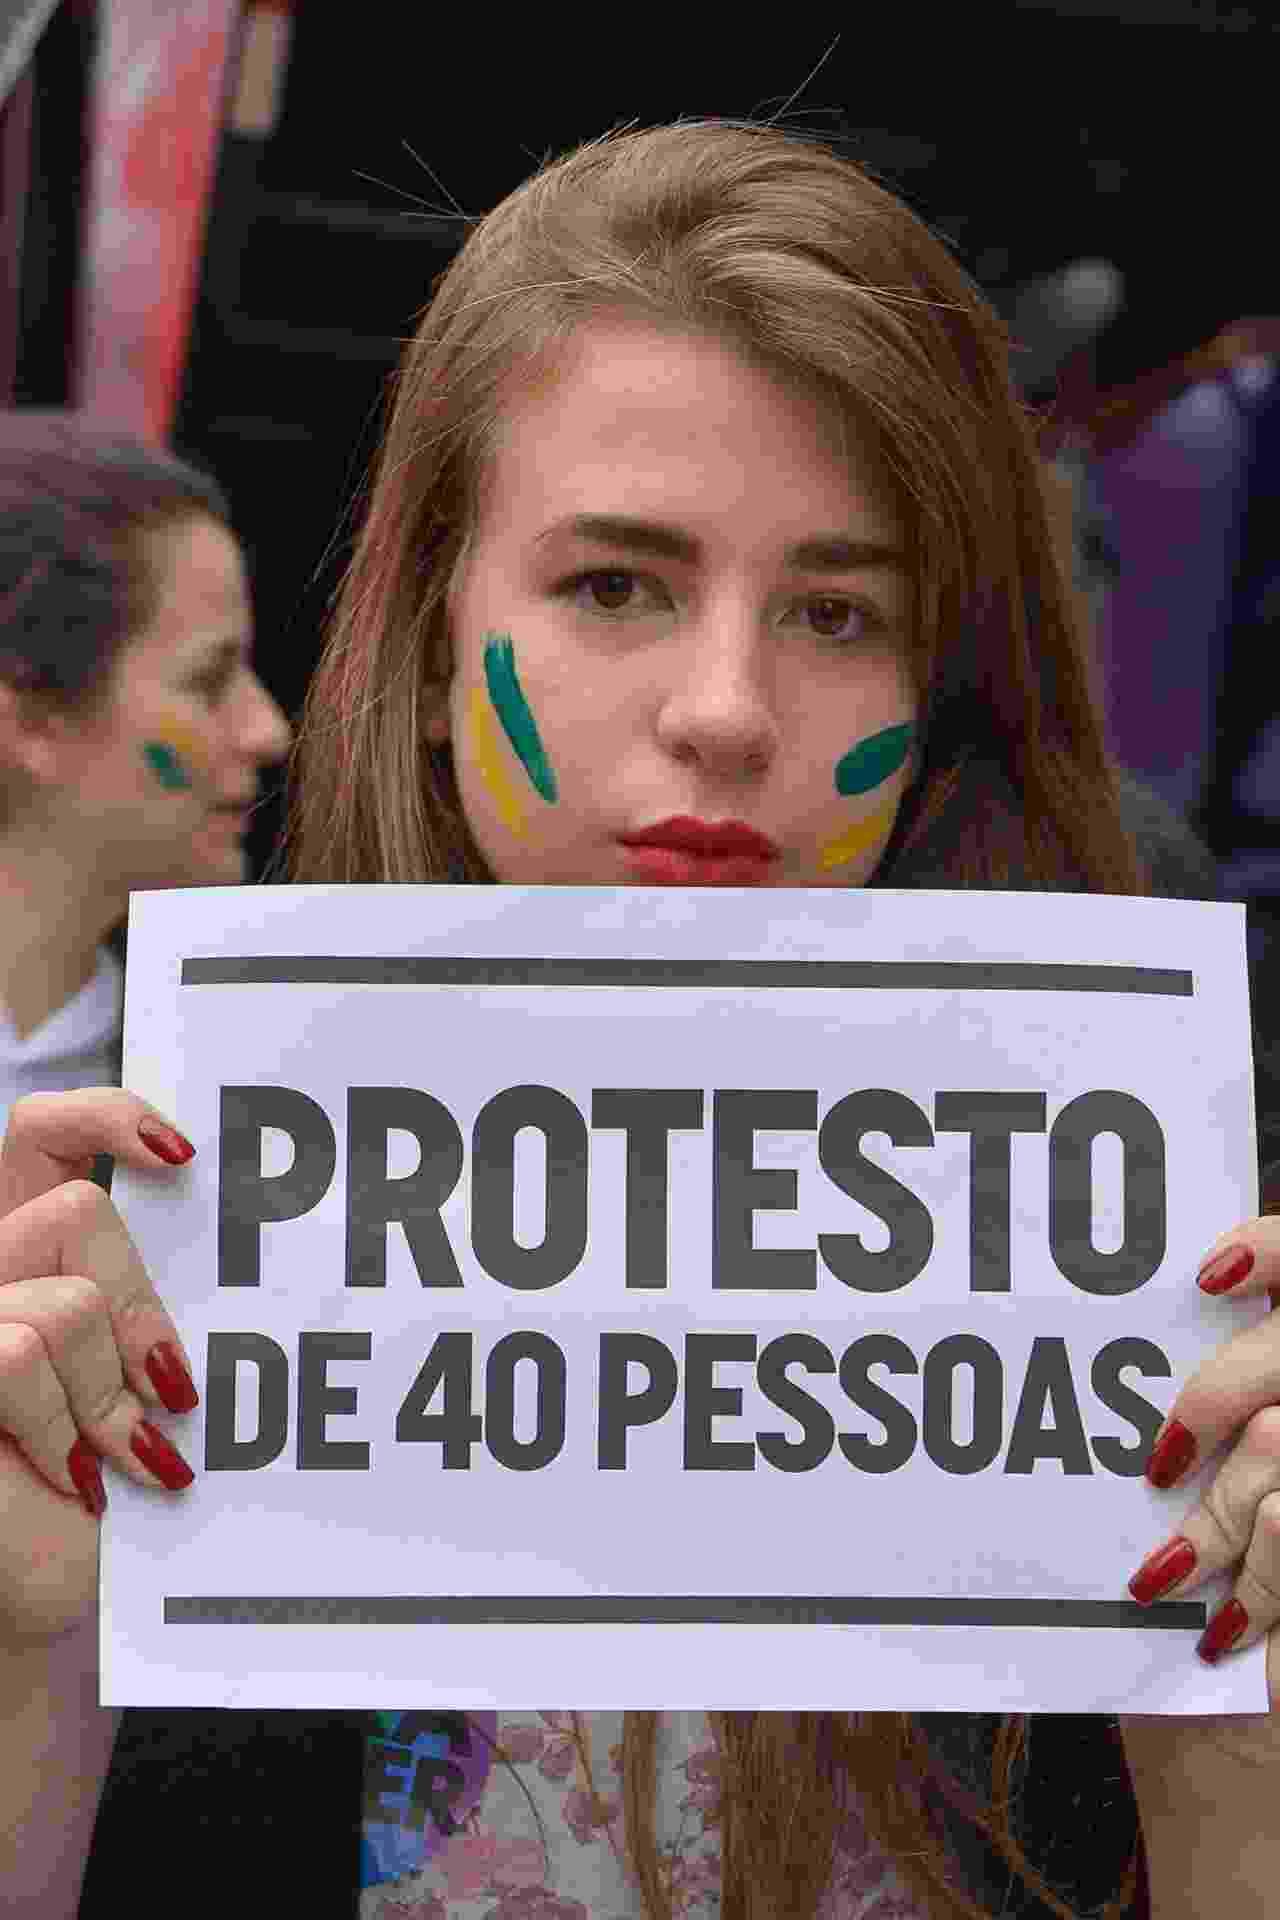 """4.set.2016 - Em protesto na avenida Paulista, em São Paulo, garota com o rosto pintado ironiza a fala do atual presidente Michel Temer (PMDB). Temer havia afirmado que os protestos desta semana eram de """"40 pessoas que quebravam carros"""". A Paulista foi tomada por milhares de manifestantes que pedem a saída do ex-vice de Dilma Rousseff (PT) - Ronaldo Silva/Futura Press/Estadão Conteúdo"""